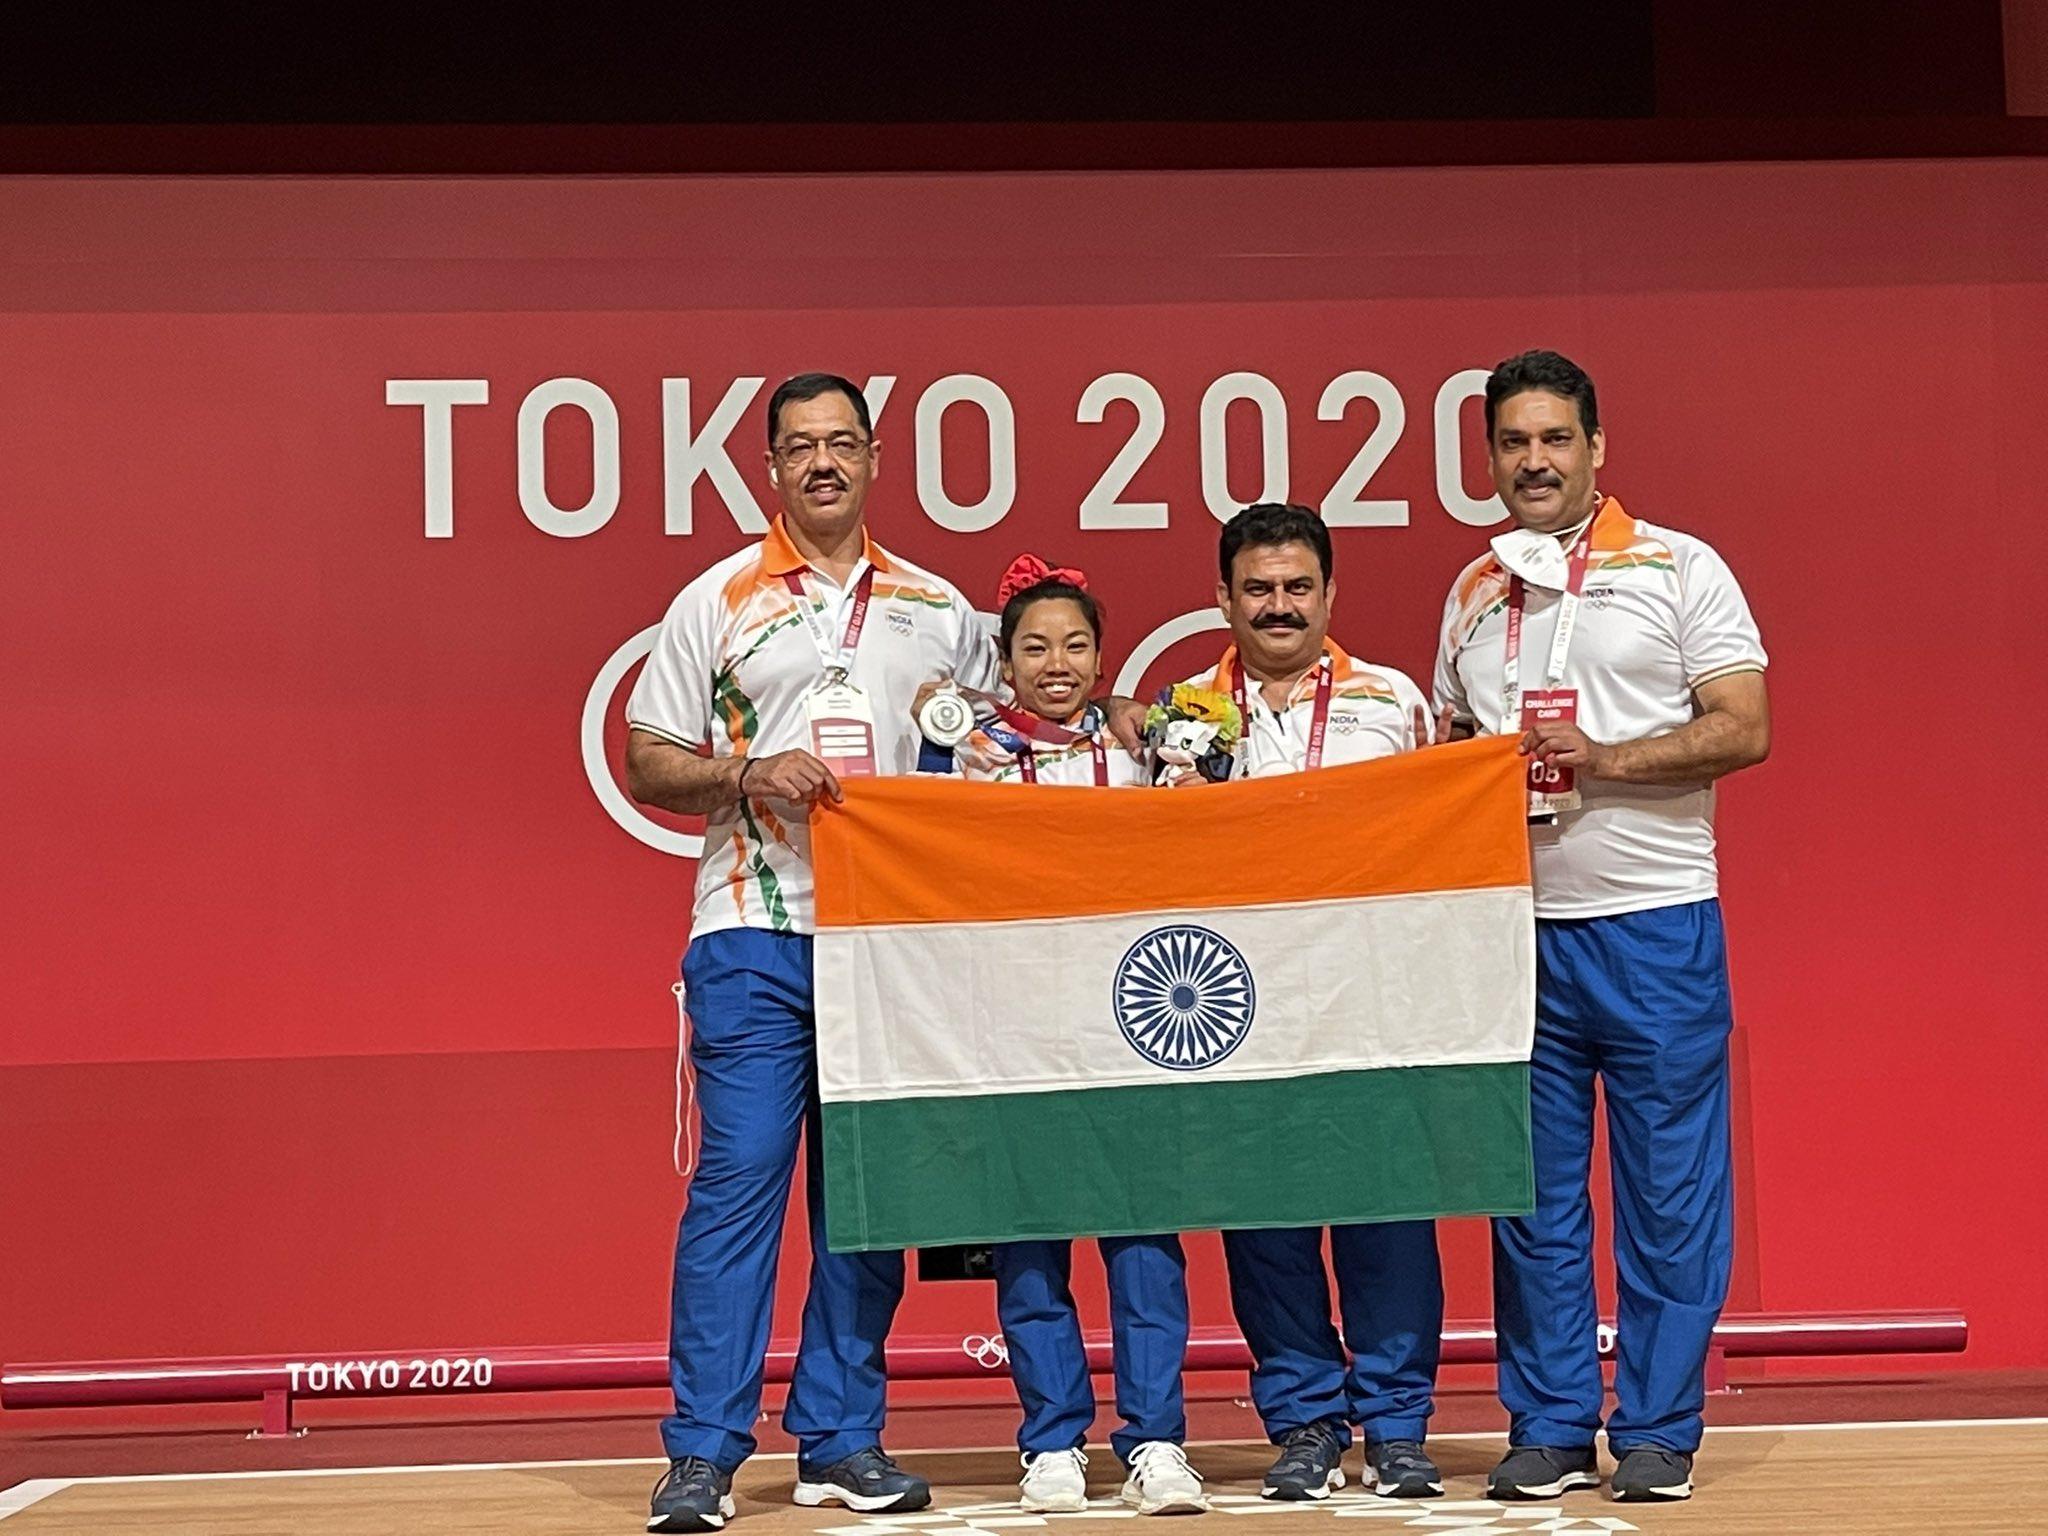 मीरा ने कहा- मैं इस जीत के लिए अपने कोच विजय शर्मा (बाएं) सर को भी थैंक यू कहना चाहती हूं। उन्होंने मुझसे लगातार मेहनत करवाई। उनके गाइडेंस में ही मुझे मोटिवेशन मिला और ट्रेनिंग की।